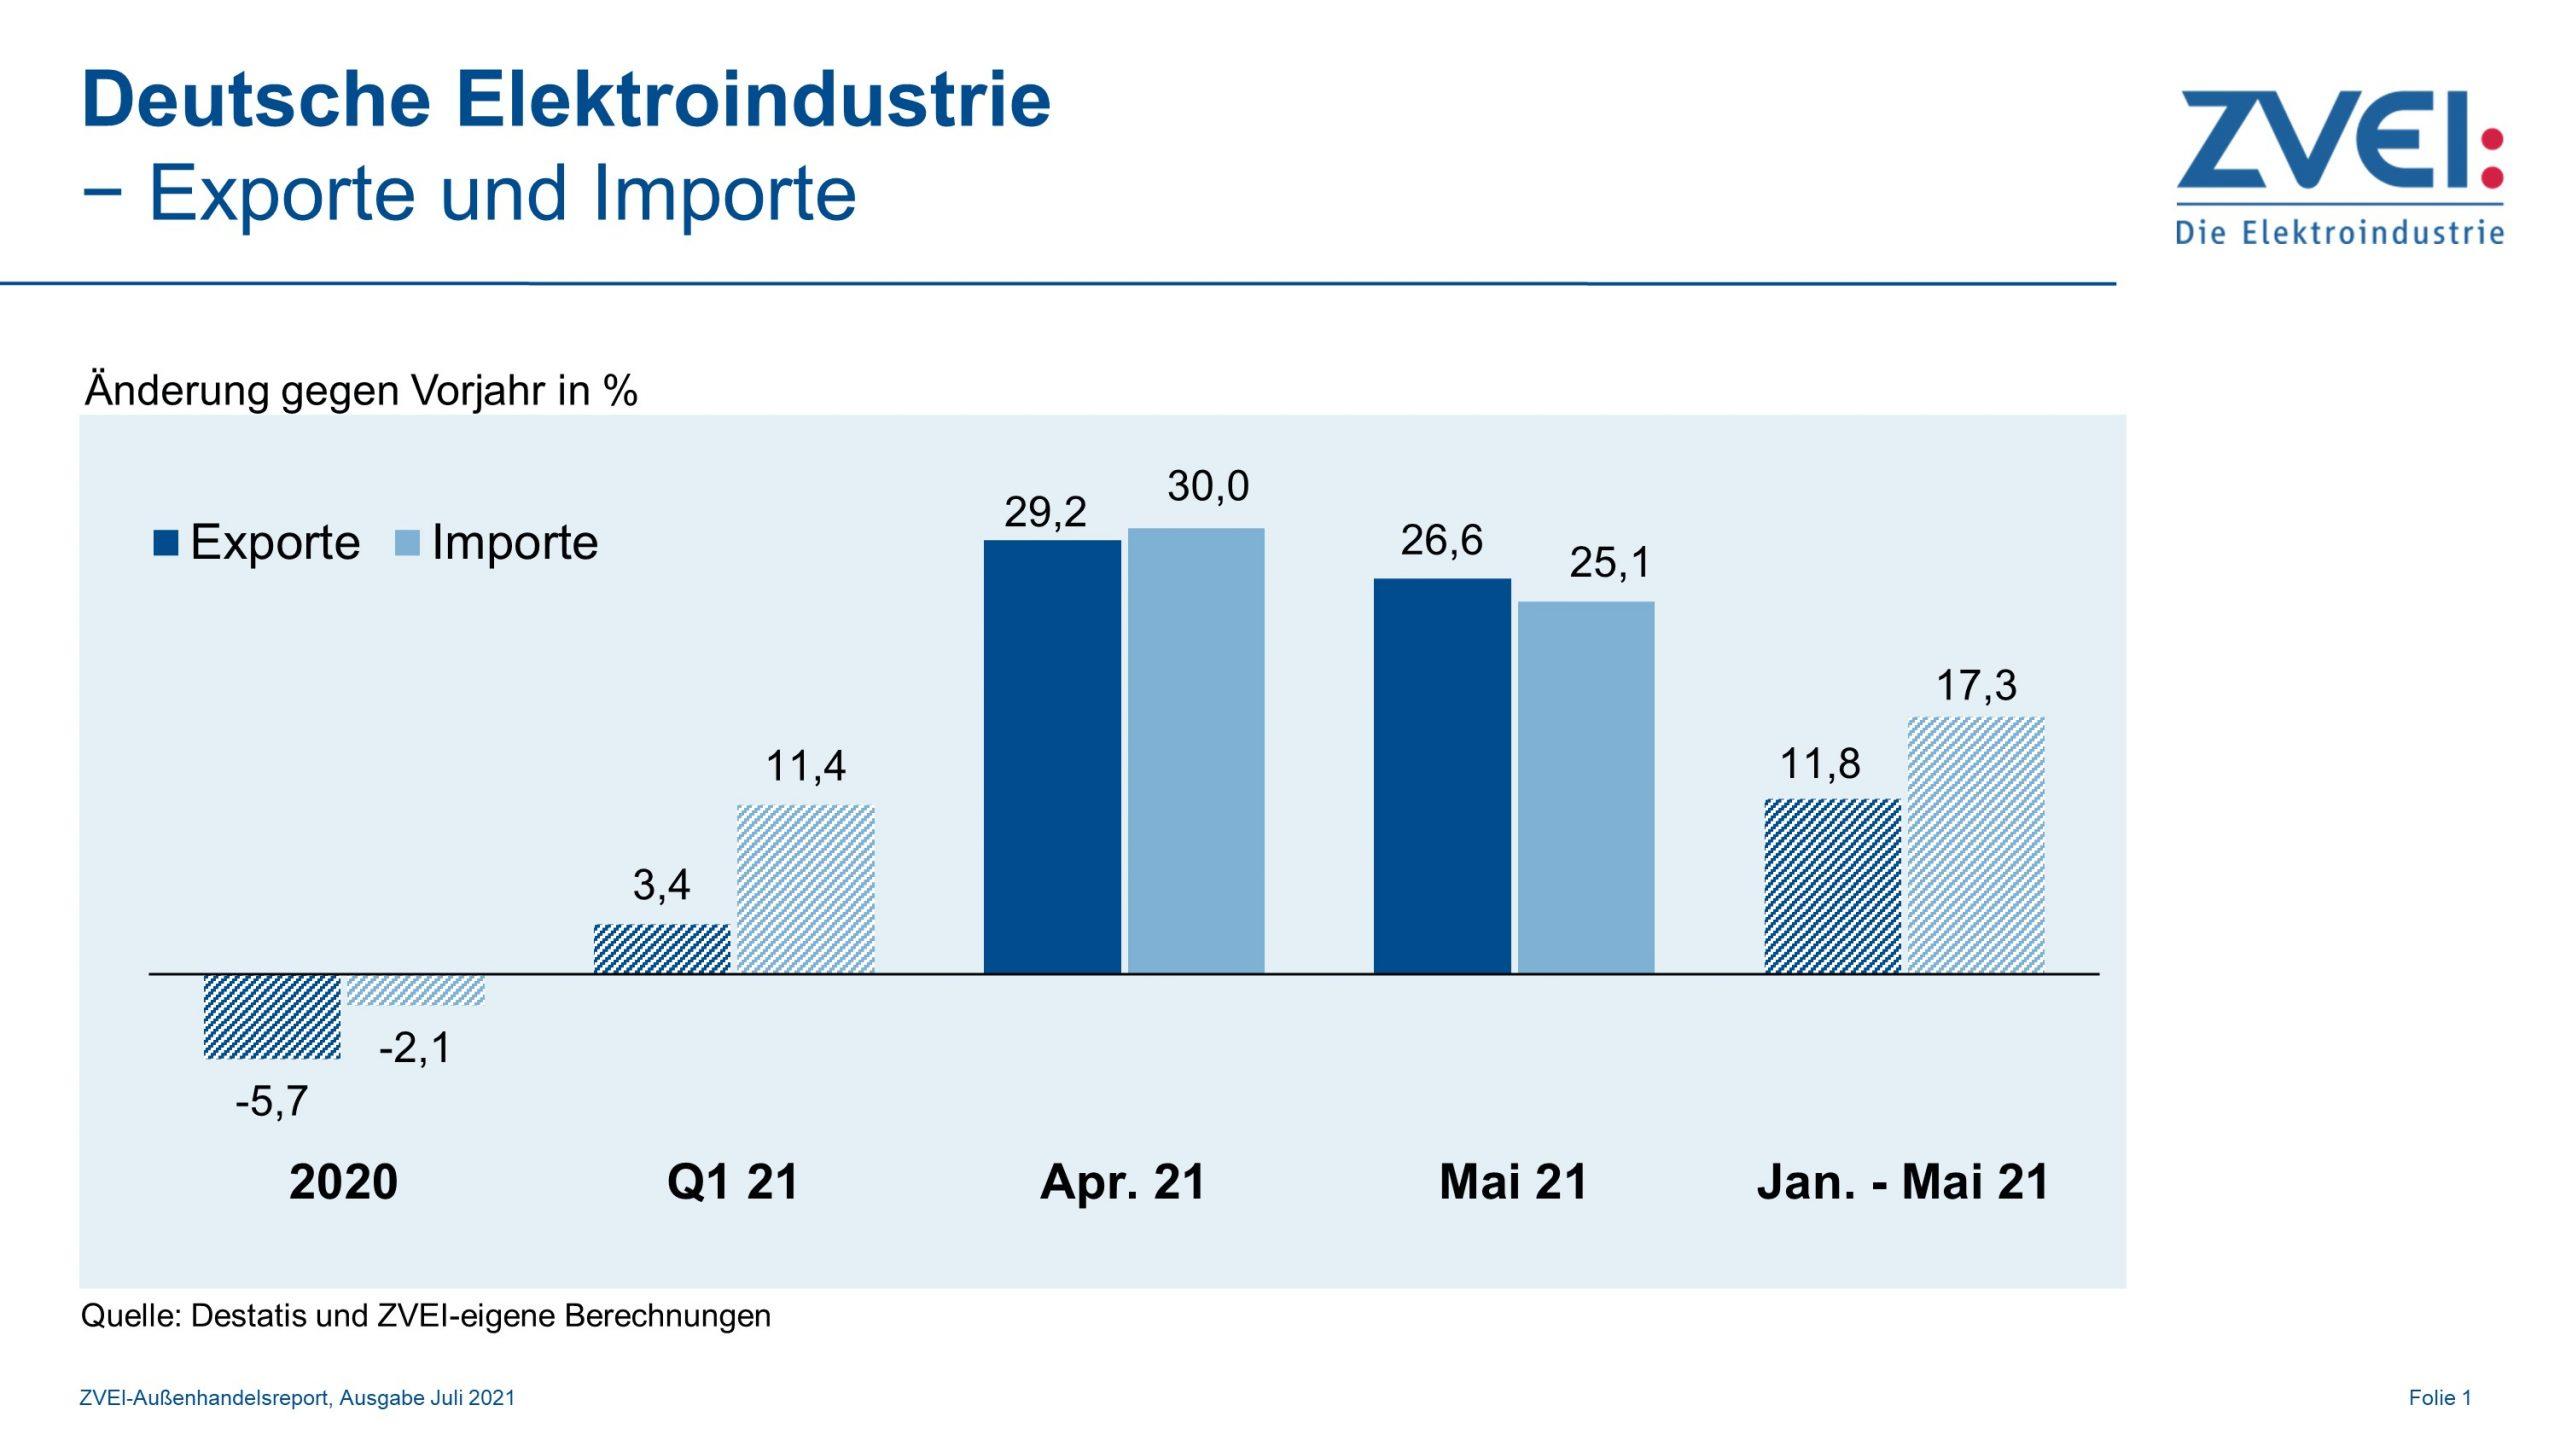 Deutsche Elektroexporte machen Vorjahresverluste wett